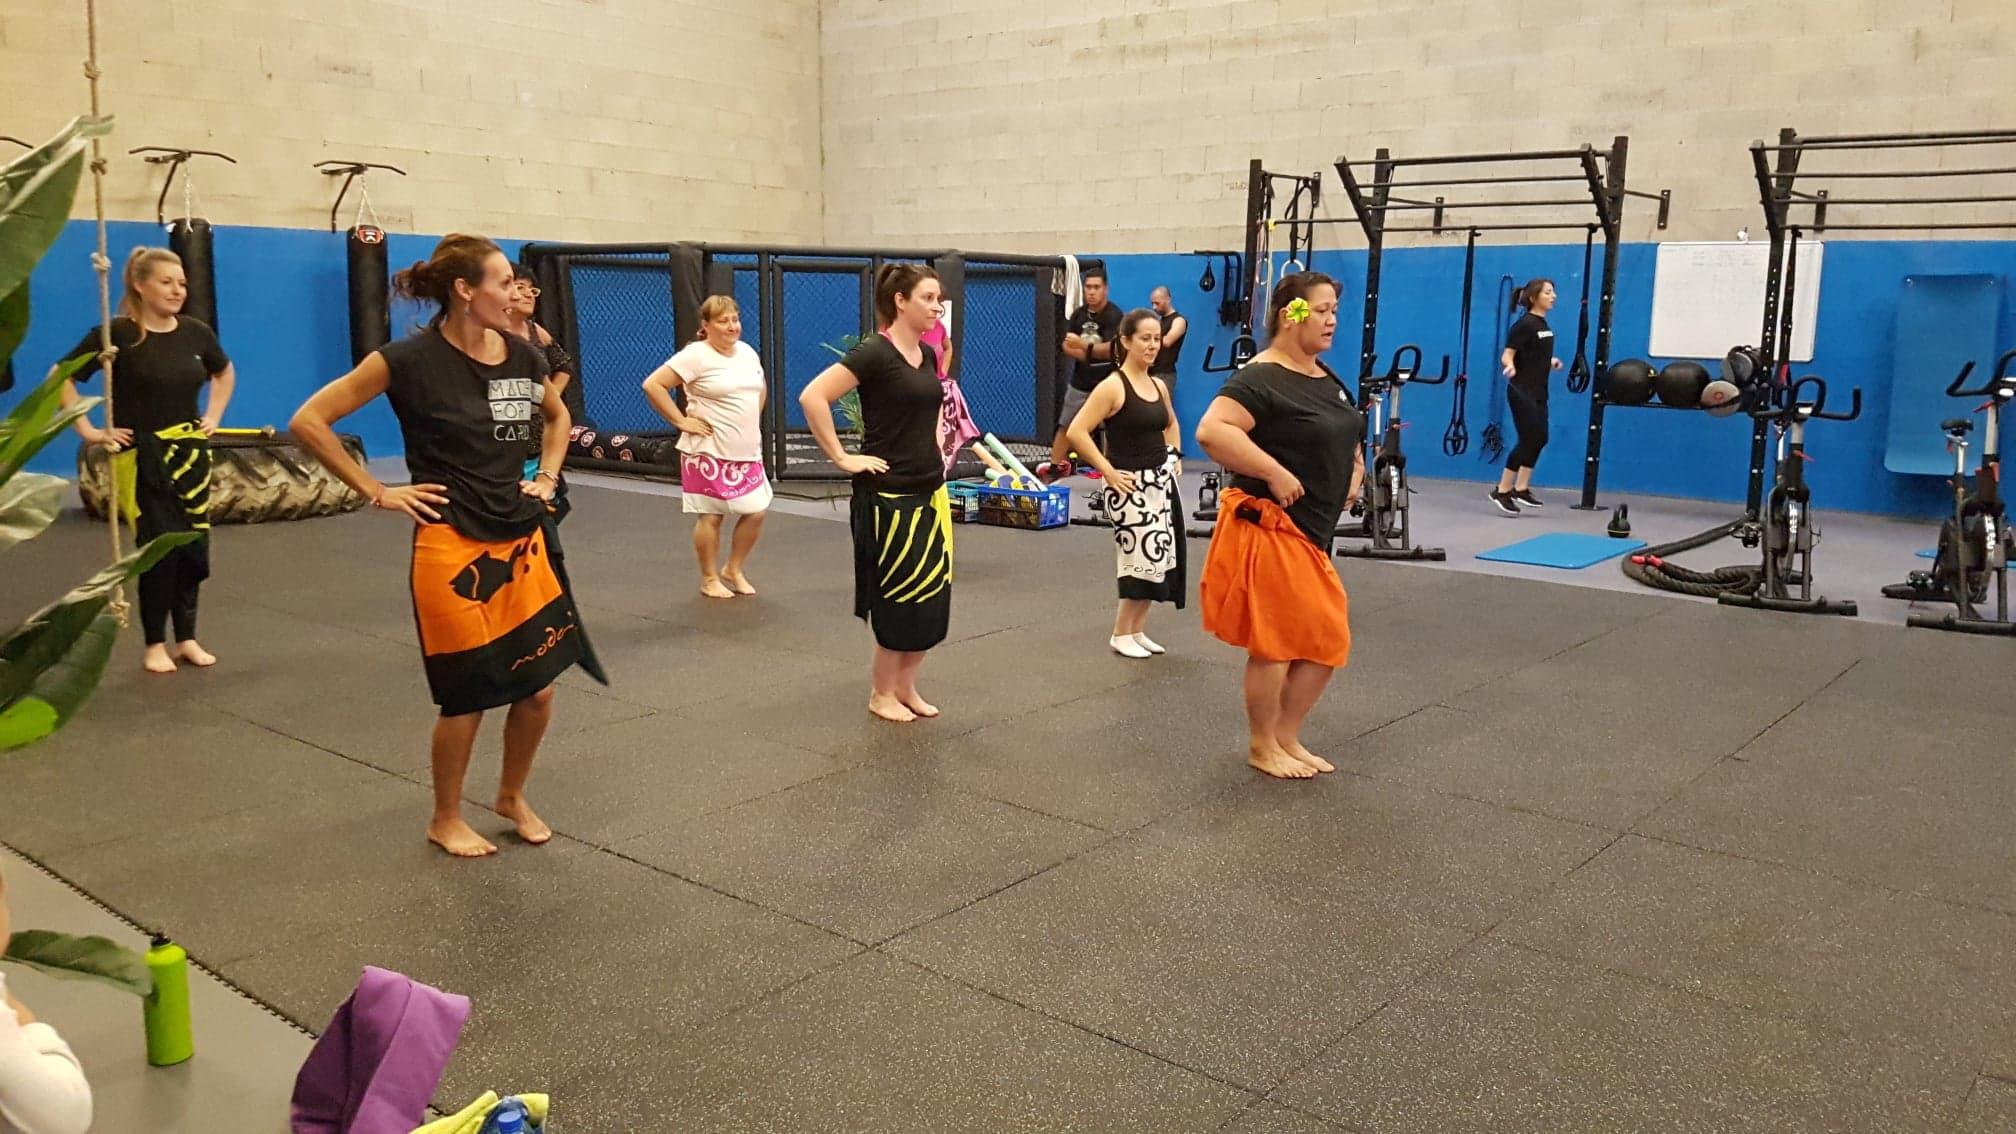 ...ou encore Danse tahitienne, sont notamment pratiqués au sein du Battle Club.